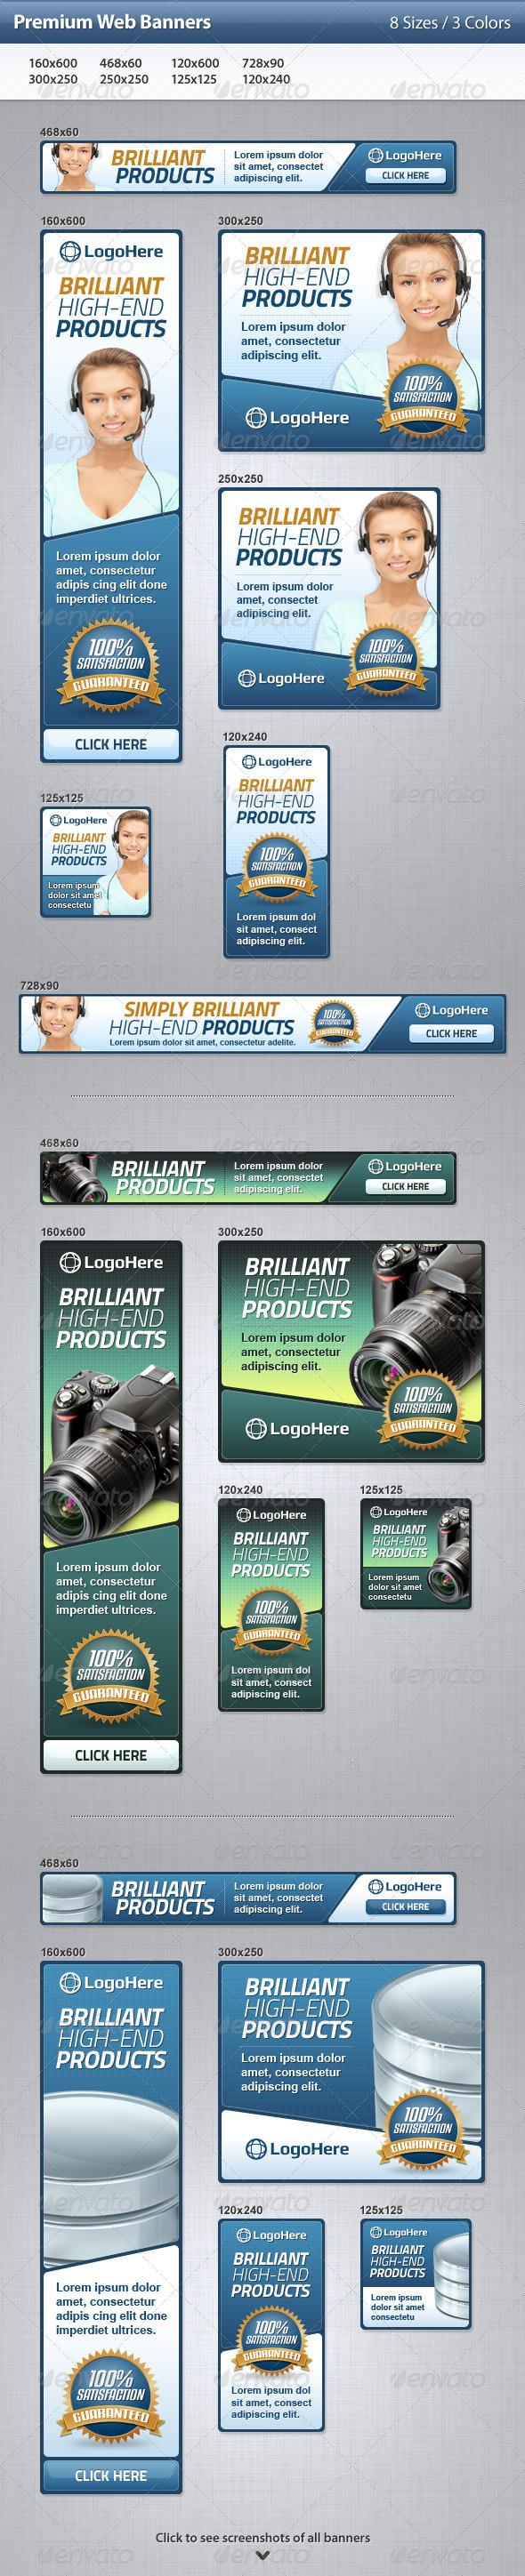 GraphicRiver Premium Web Banners 3510440